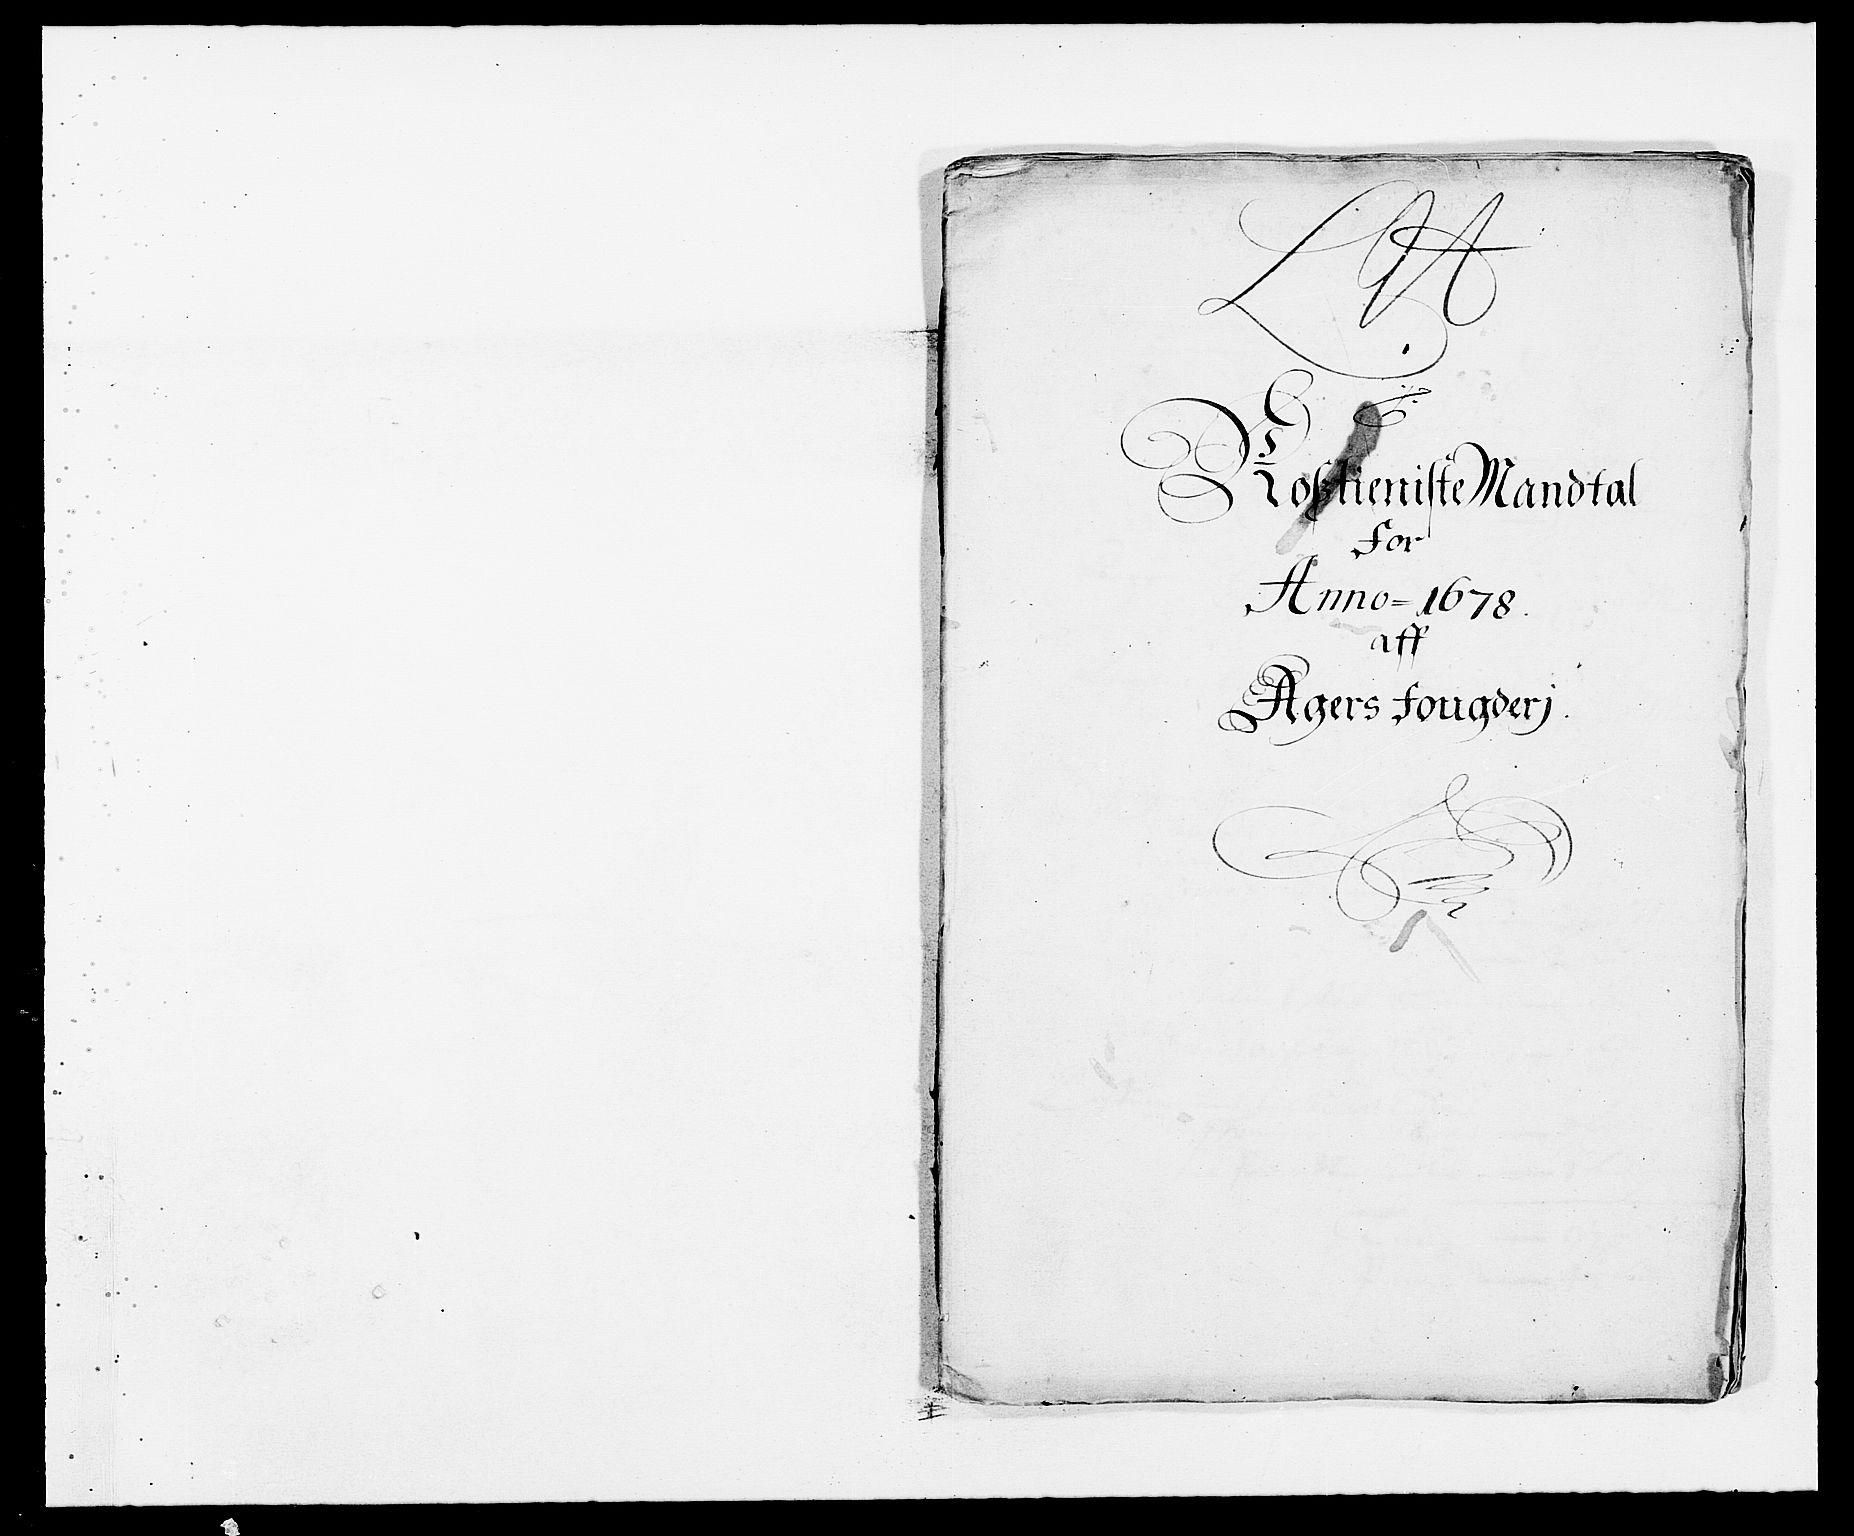 RA, Rentekammeret inntil 1814, Reviderte regnskaper, Fogderegnskap, R08/L0416: Fogderegnskap Aker, 1678-1681, s. 301